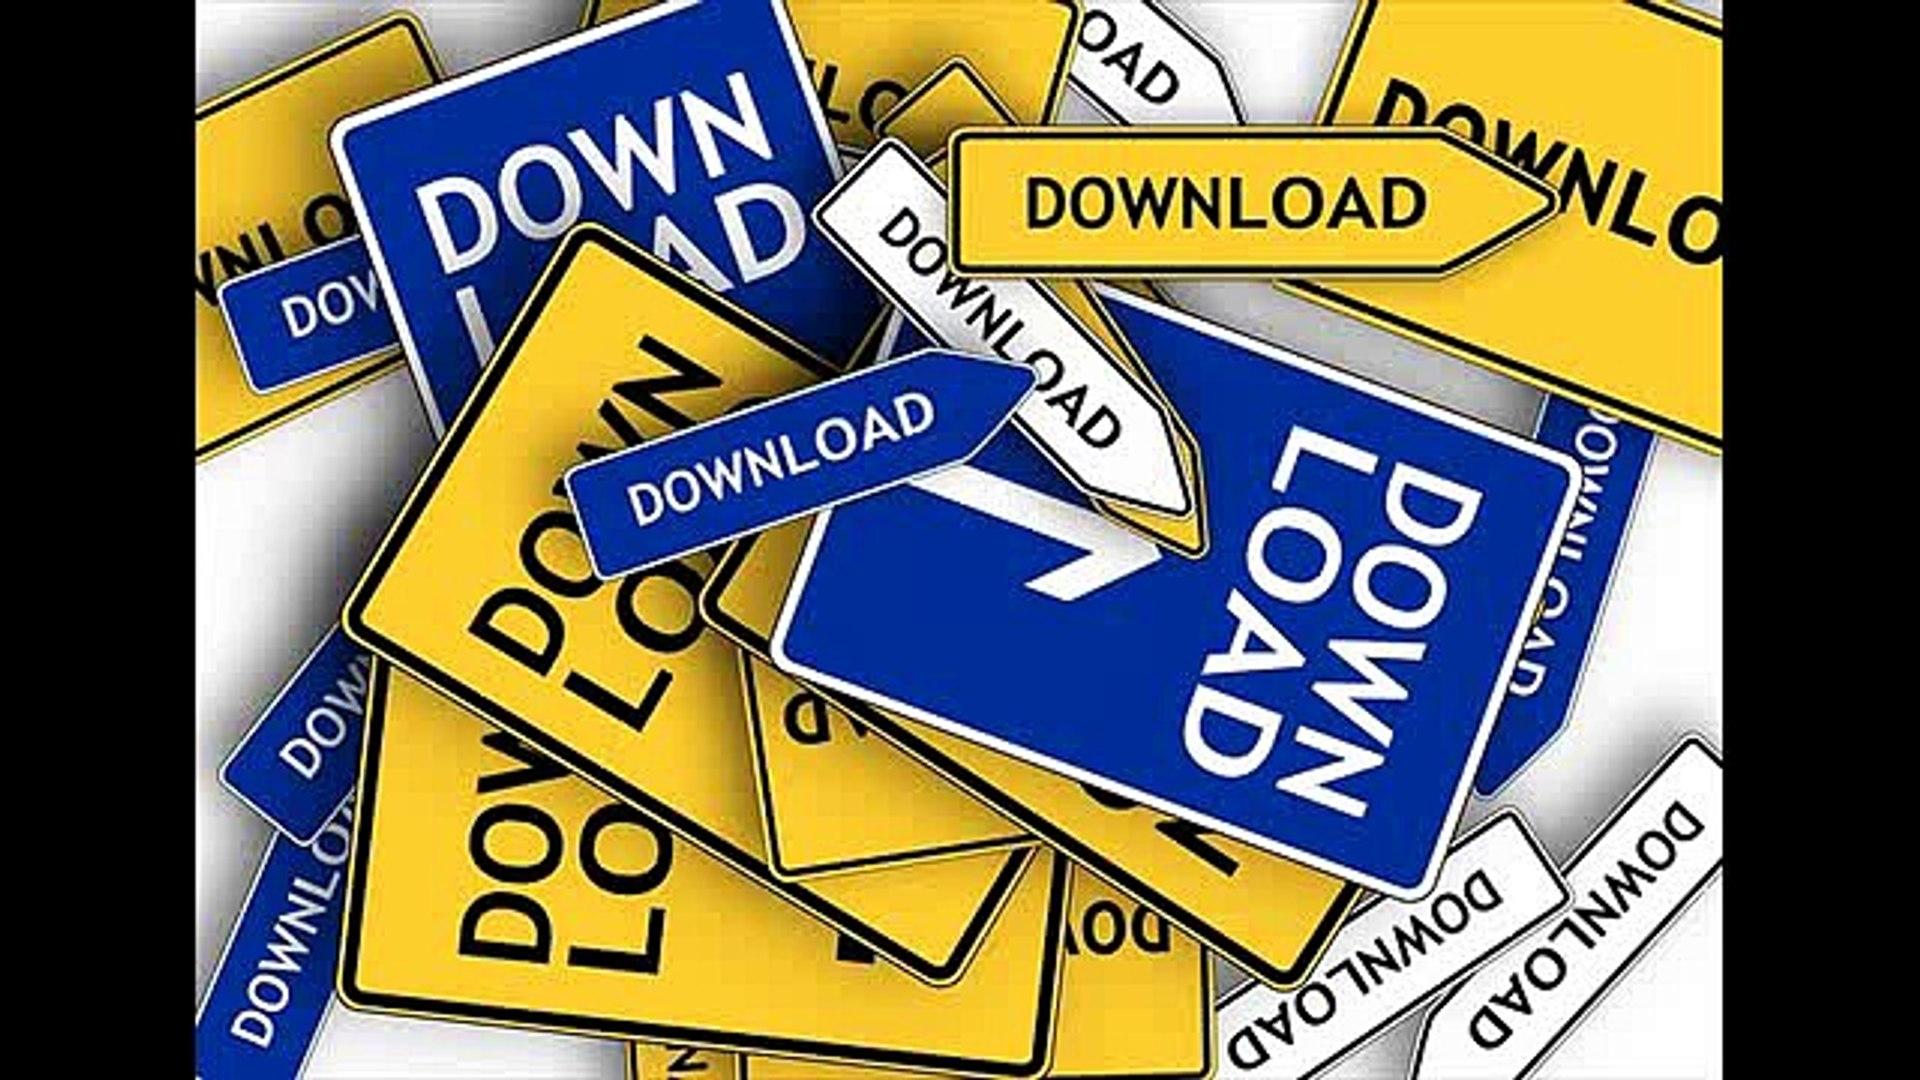 jetmouse keygen 19 download